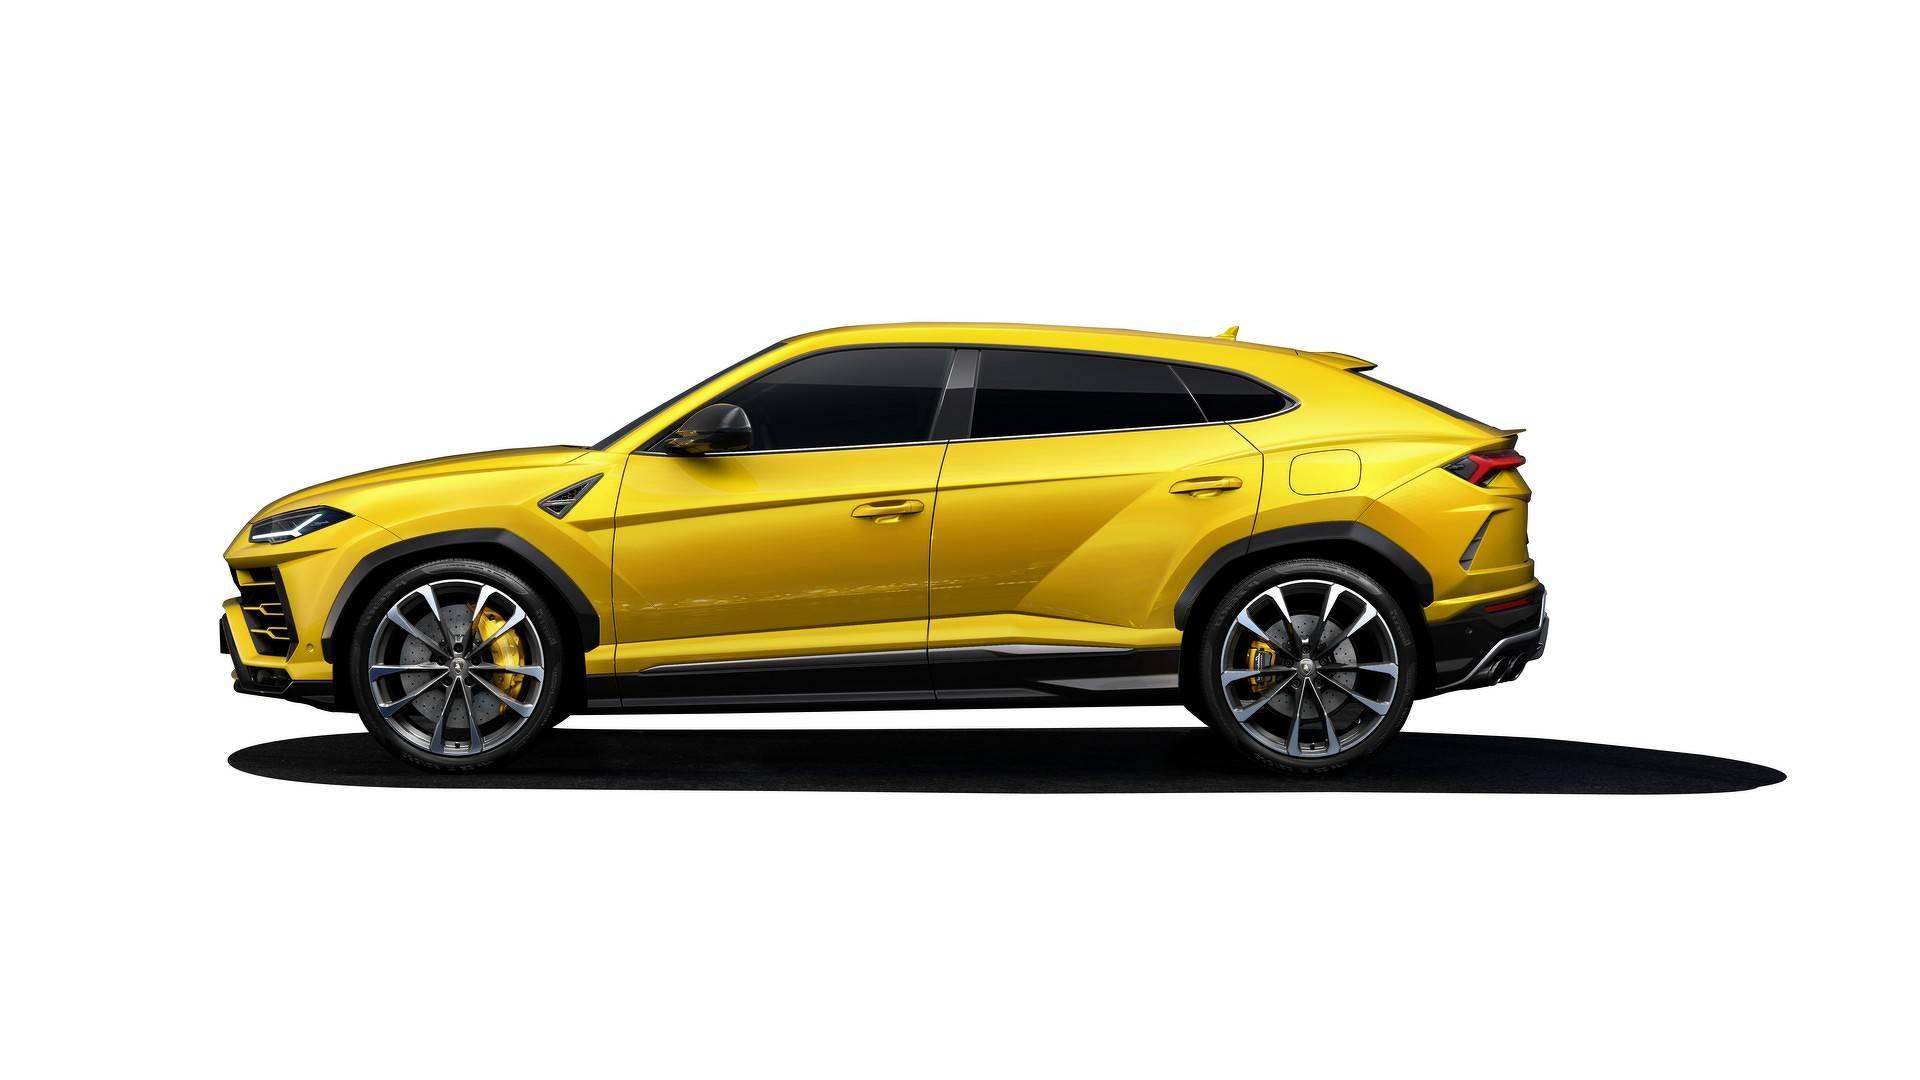 Lamborghini Urus 2018 (8)